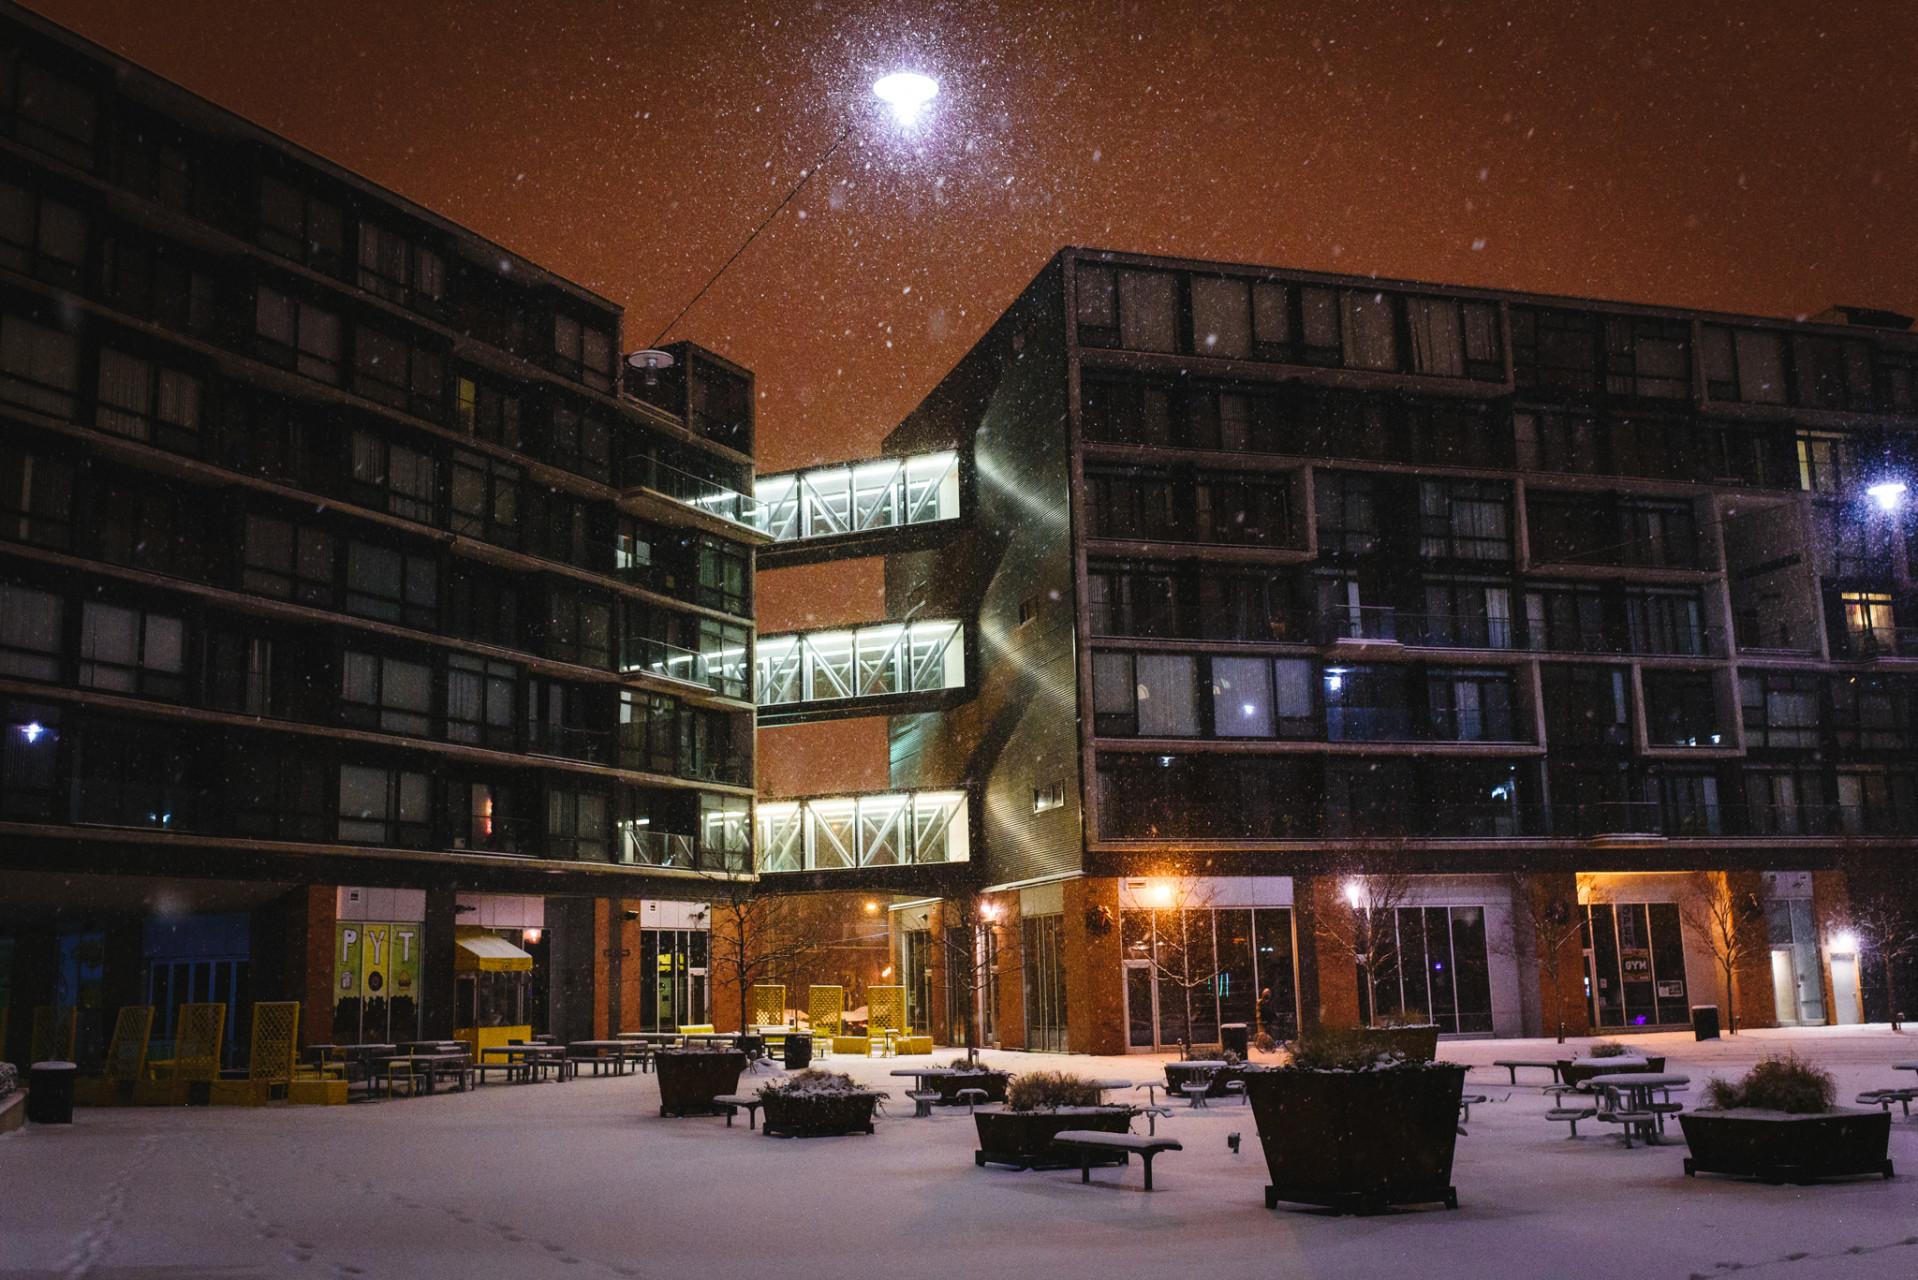 Snowstorm_GARFINKEL-8